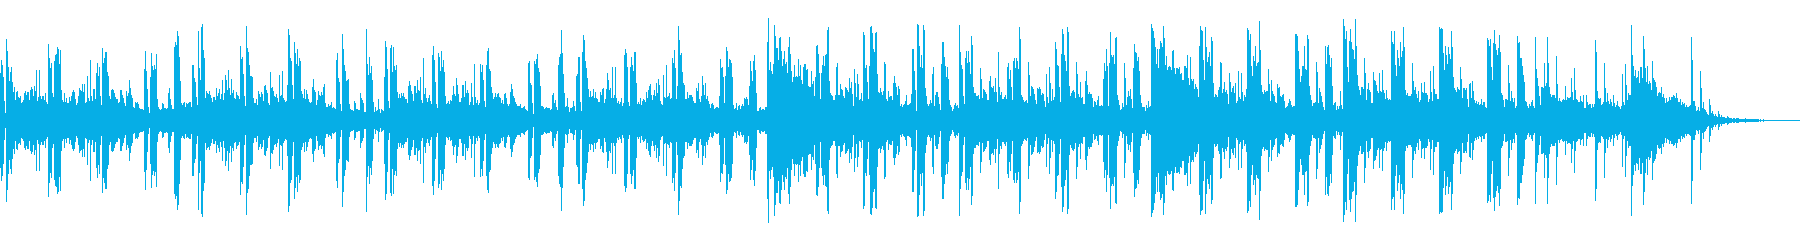 事件の考察中などに流れそうな曲の再生済みの波形